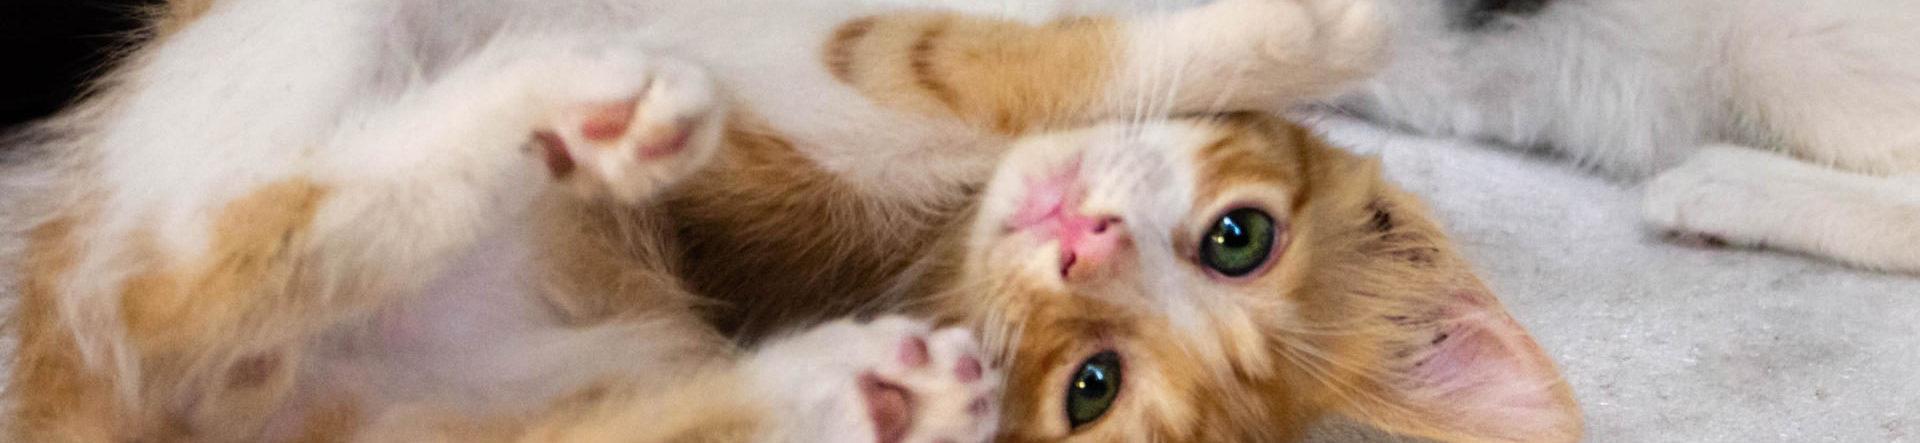 Neutralisation af kat i Kolding – kastration og sterilisation | Dyrlægehuset Kolding